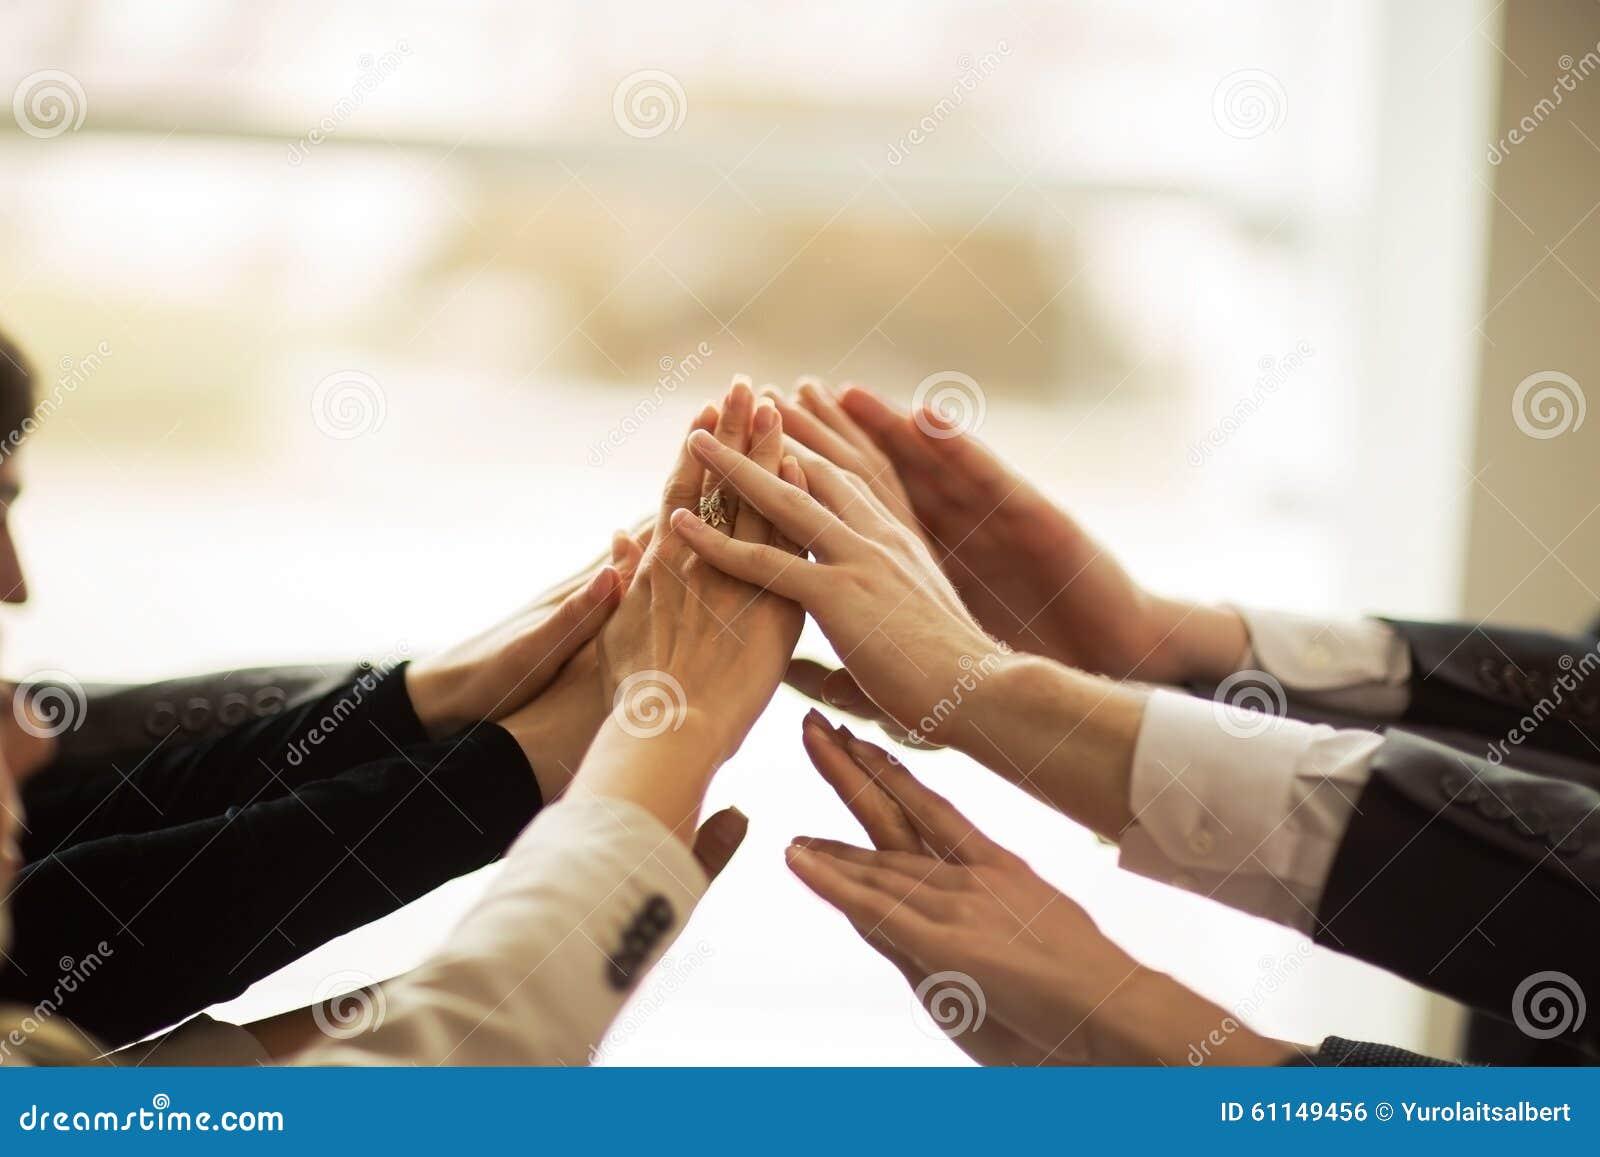 Складчатость рук совместно